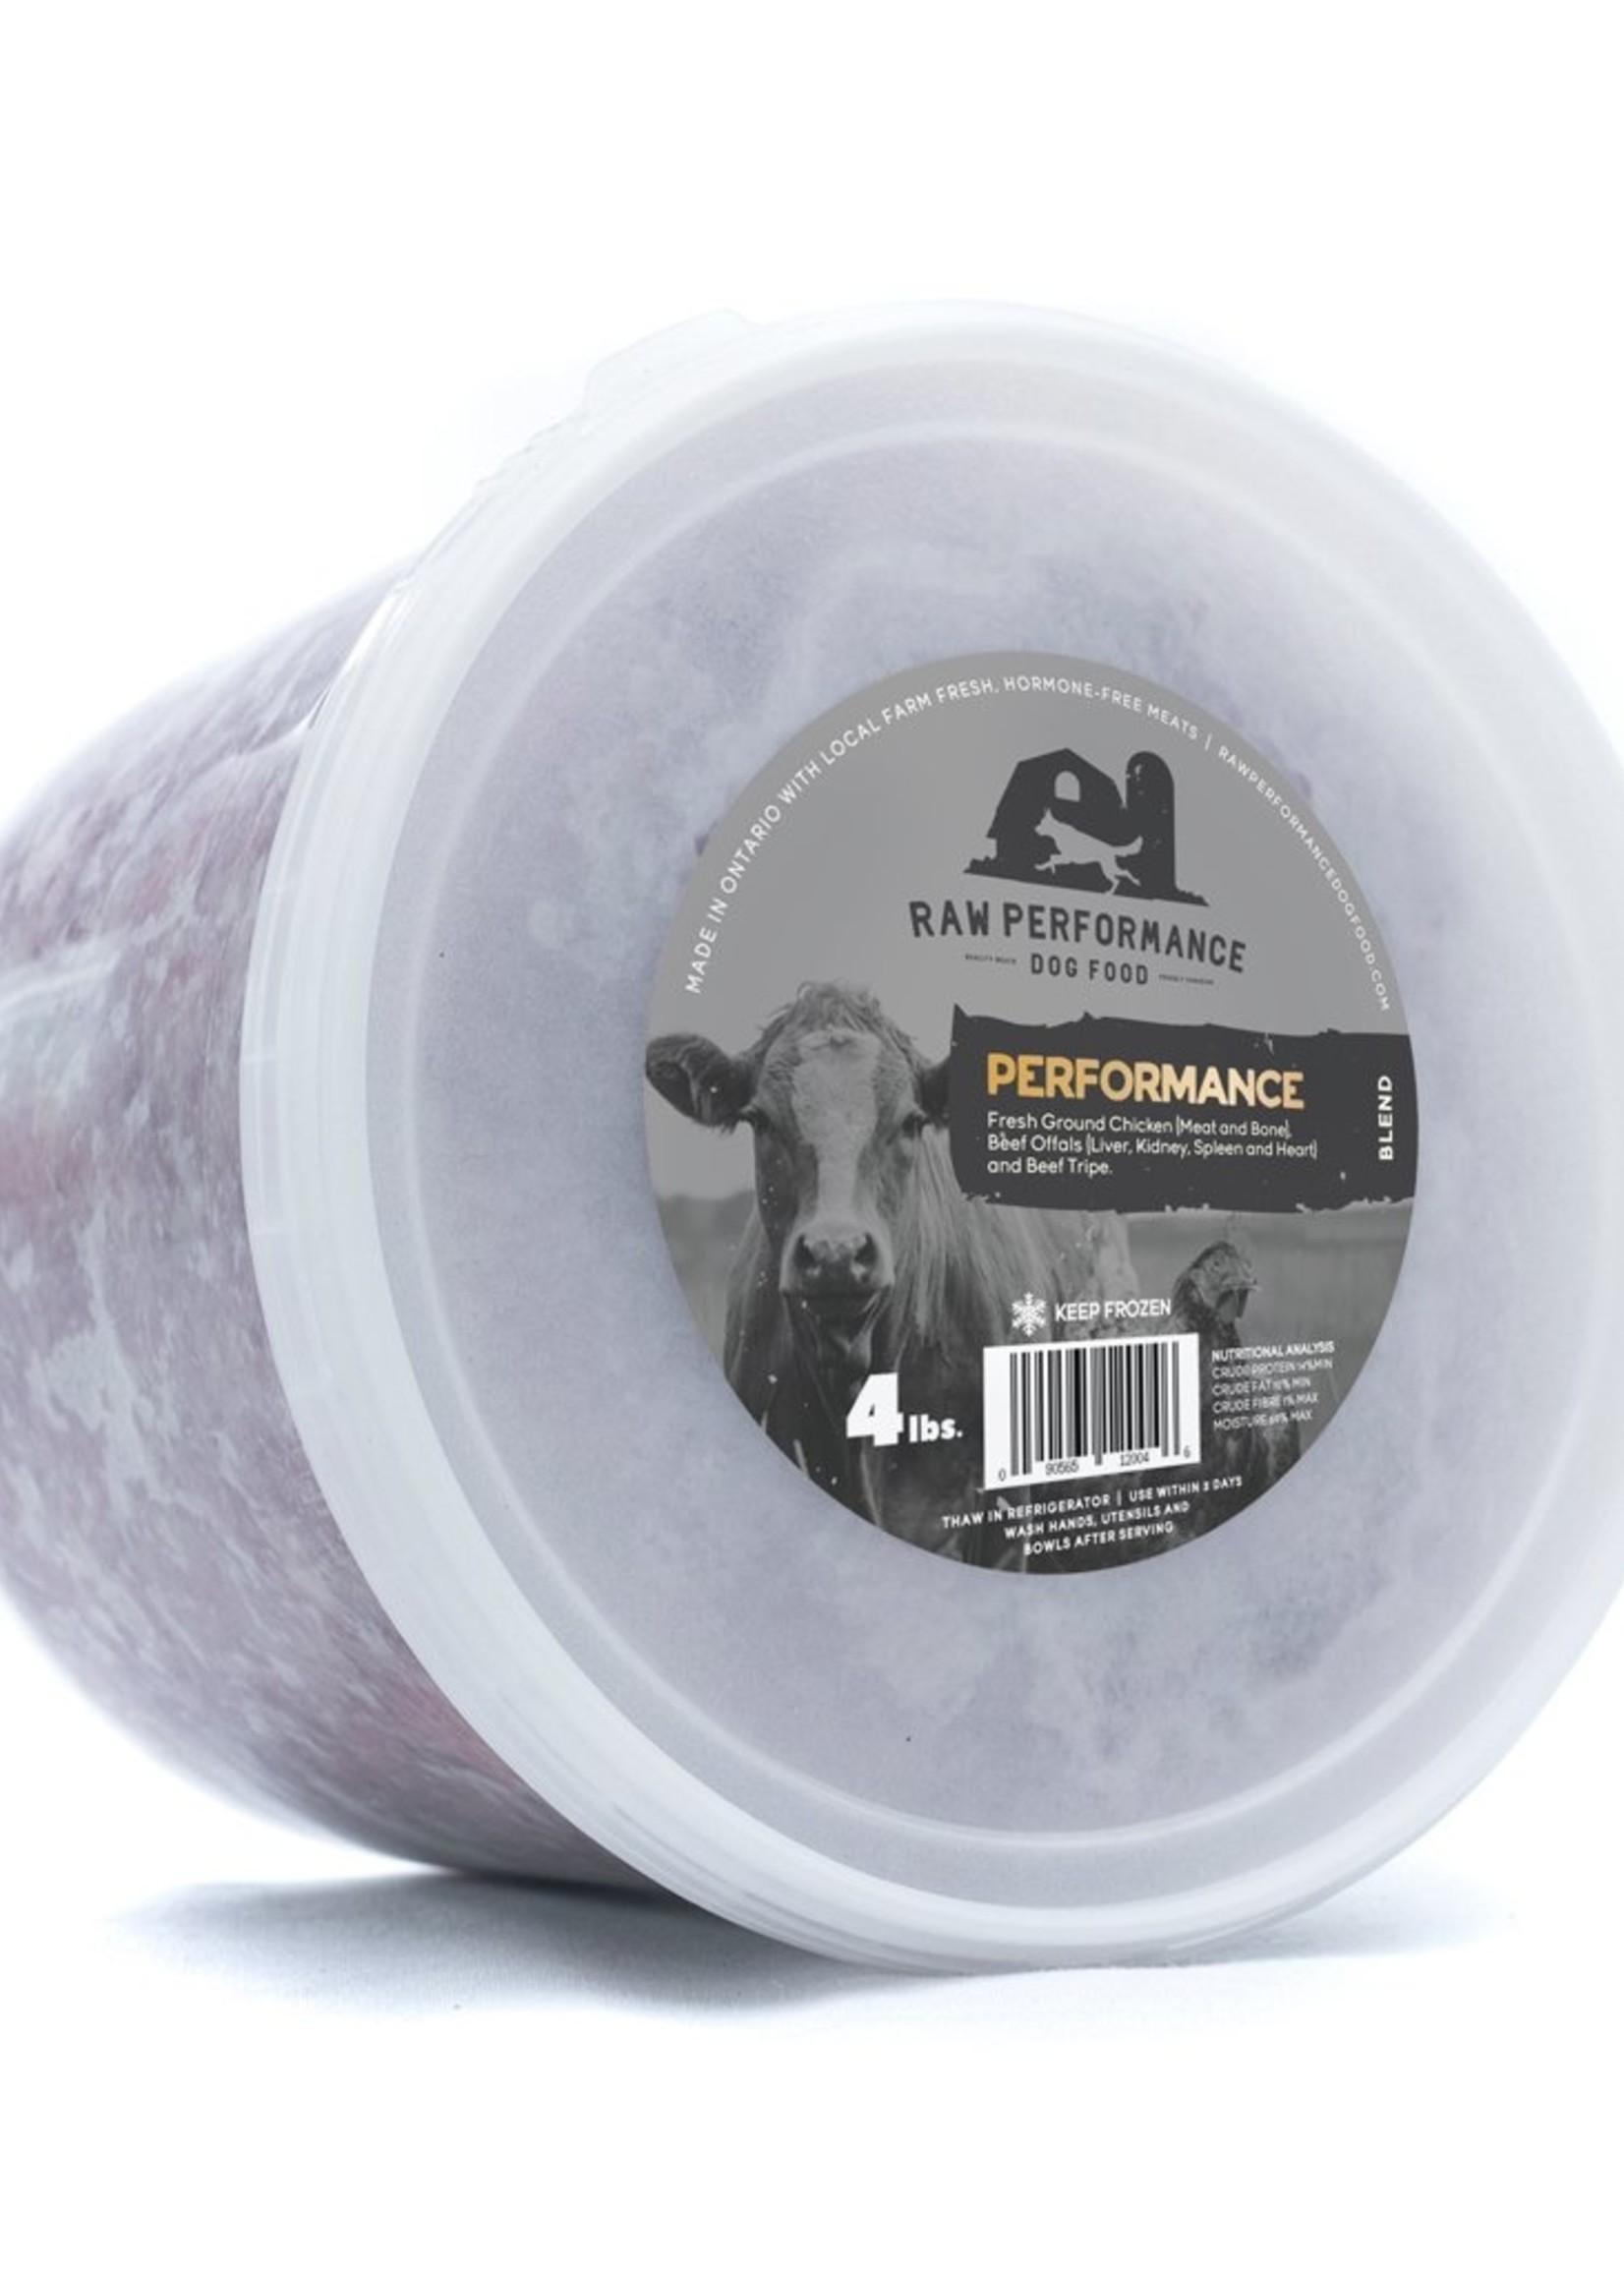 Raw Performance Raw Performance Performance Blend 4lbs